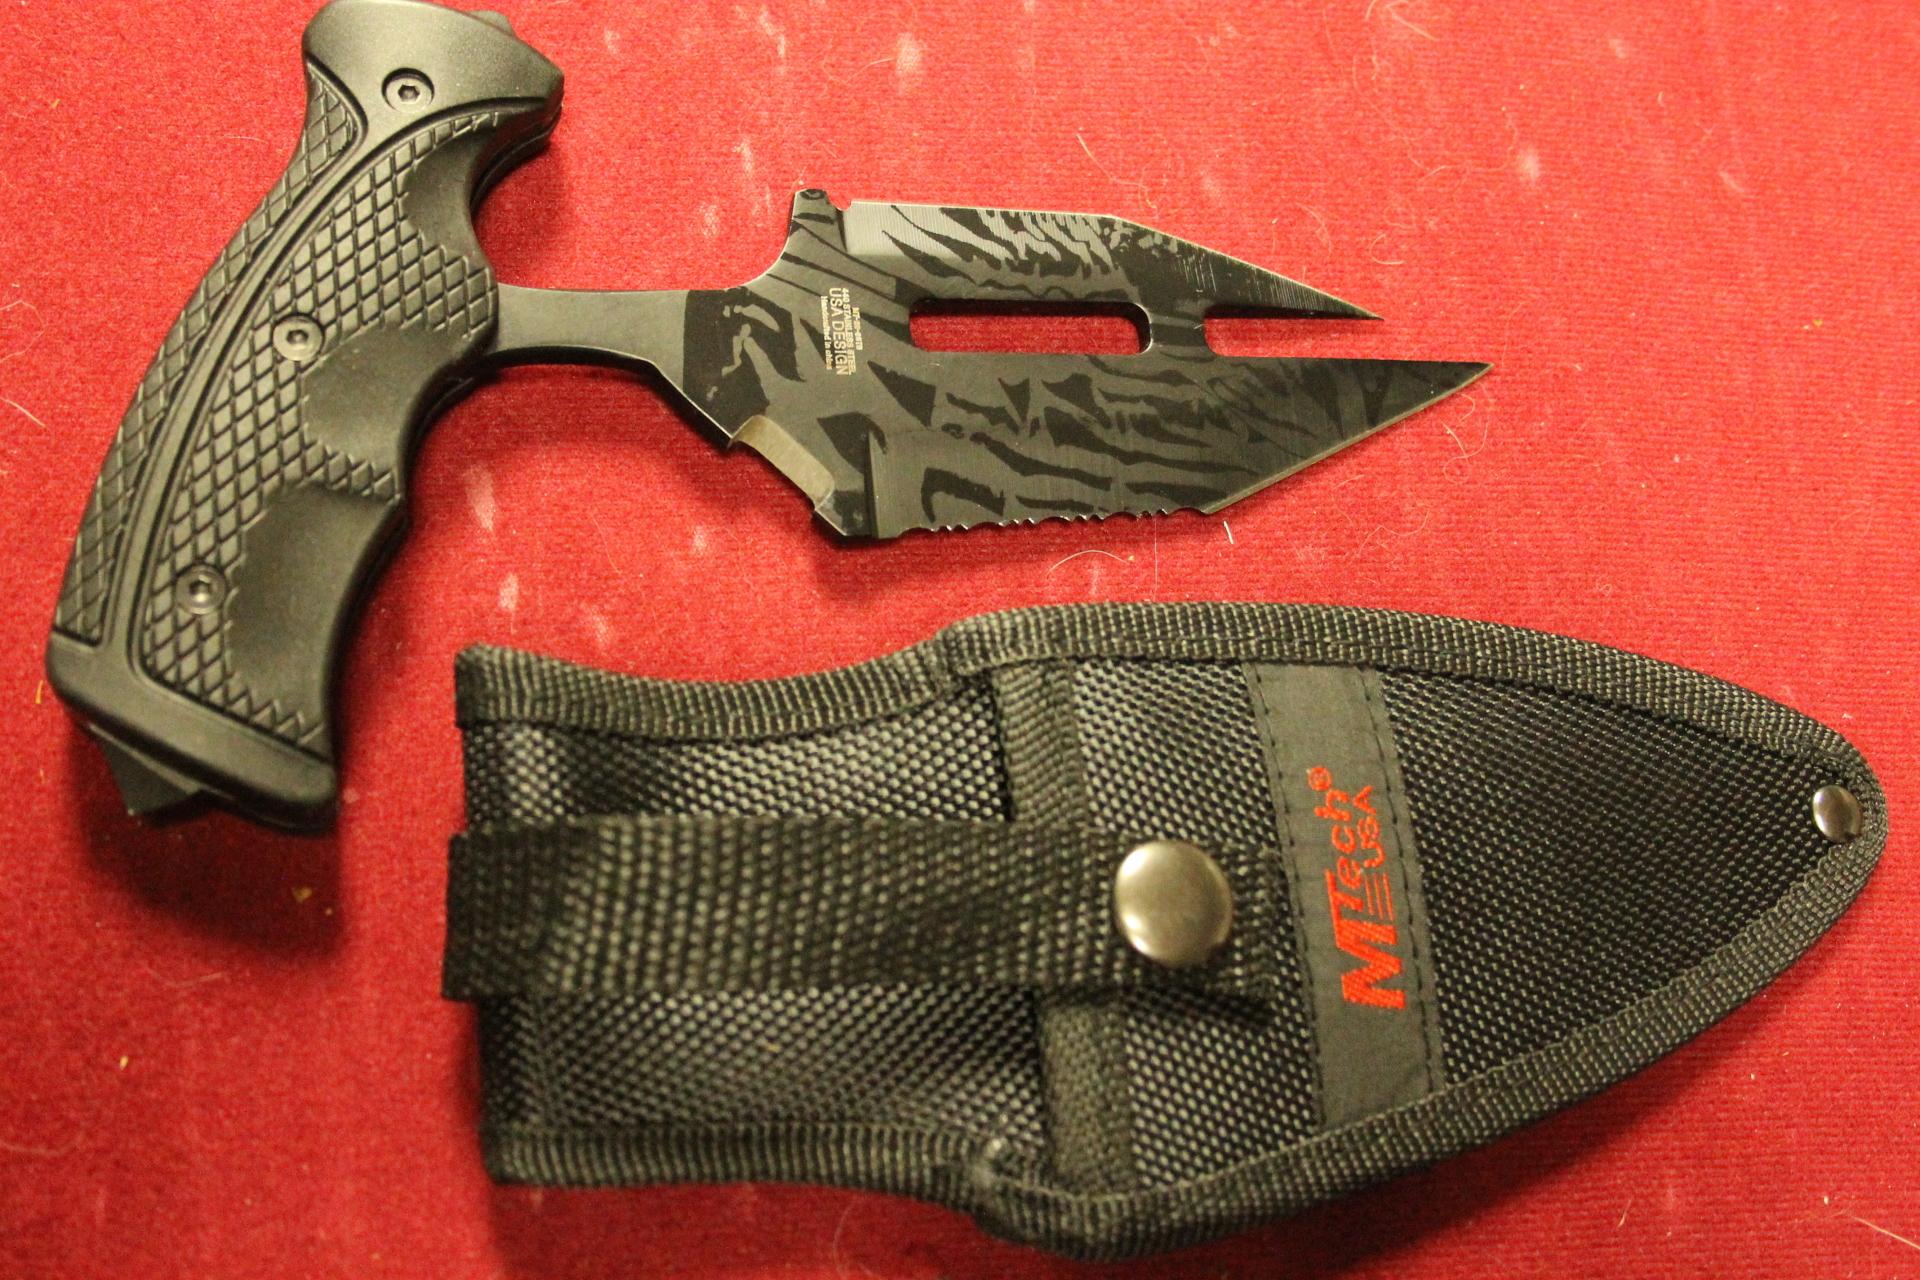 Mtech Tactical Gun Grip Dagger $9.99